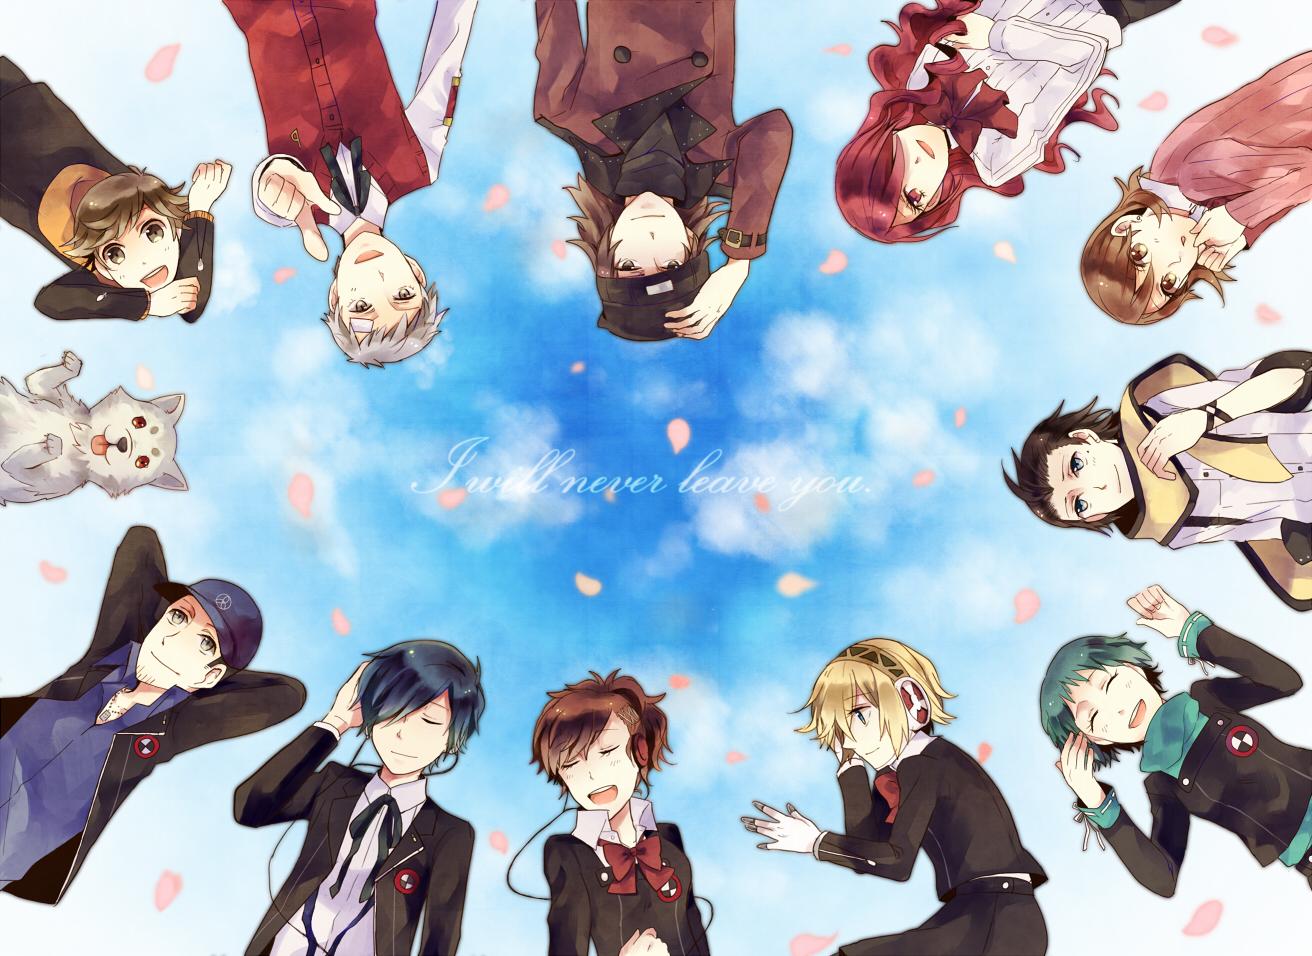 Shin Megami Tensei: PERSONA 3, Android - Zerochan Anime Image Board